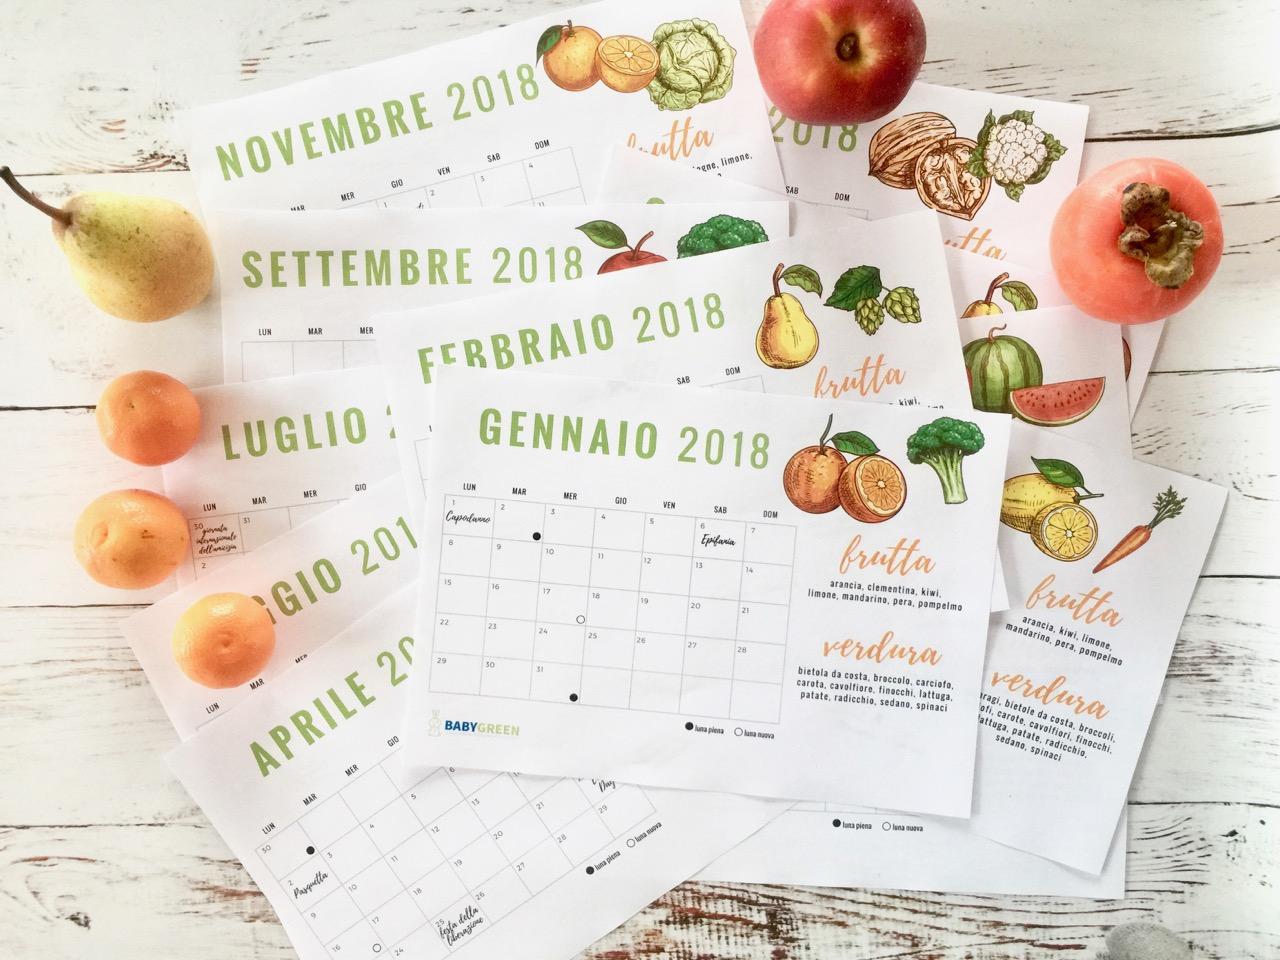 Calendario Da Scaricare.Calendario 2018 Pdf Da Stampare Anche Frutta Verdura